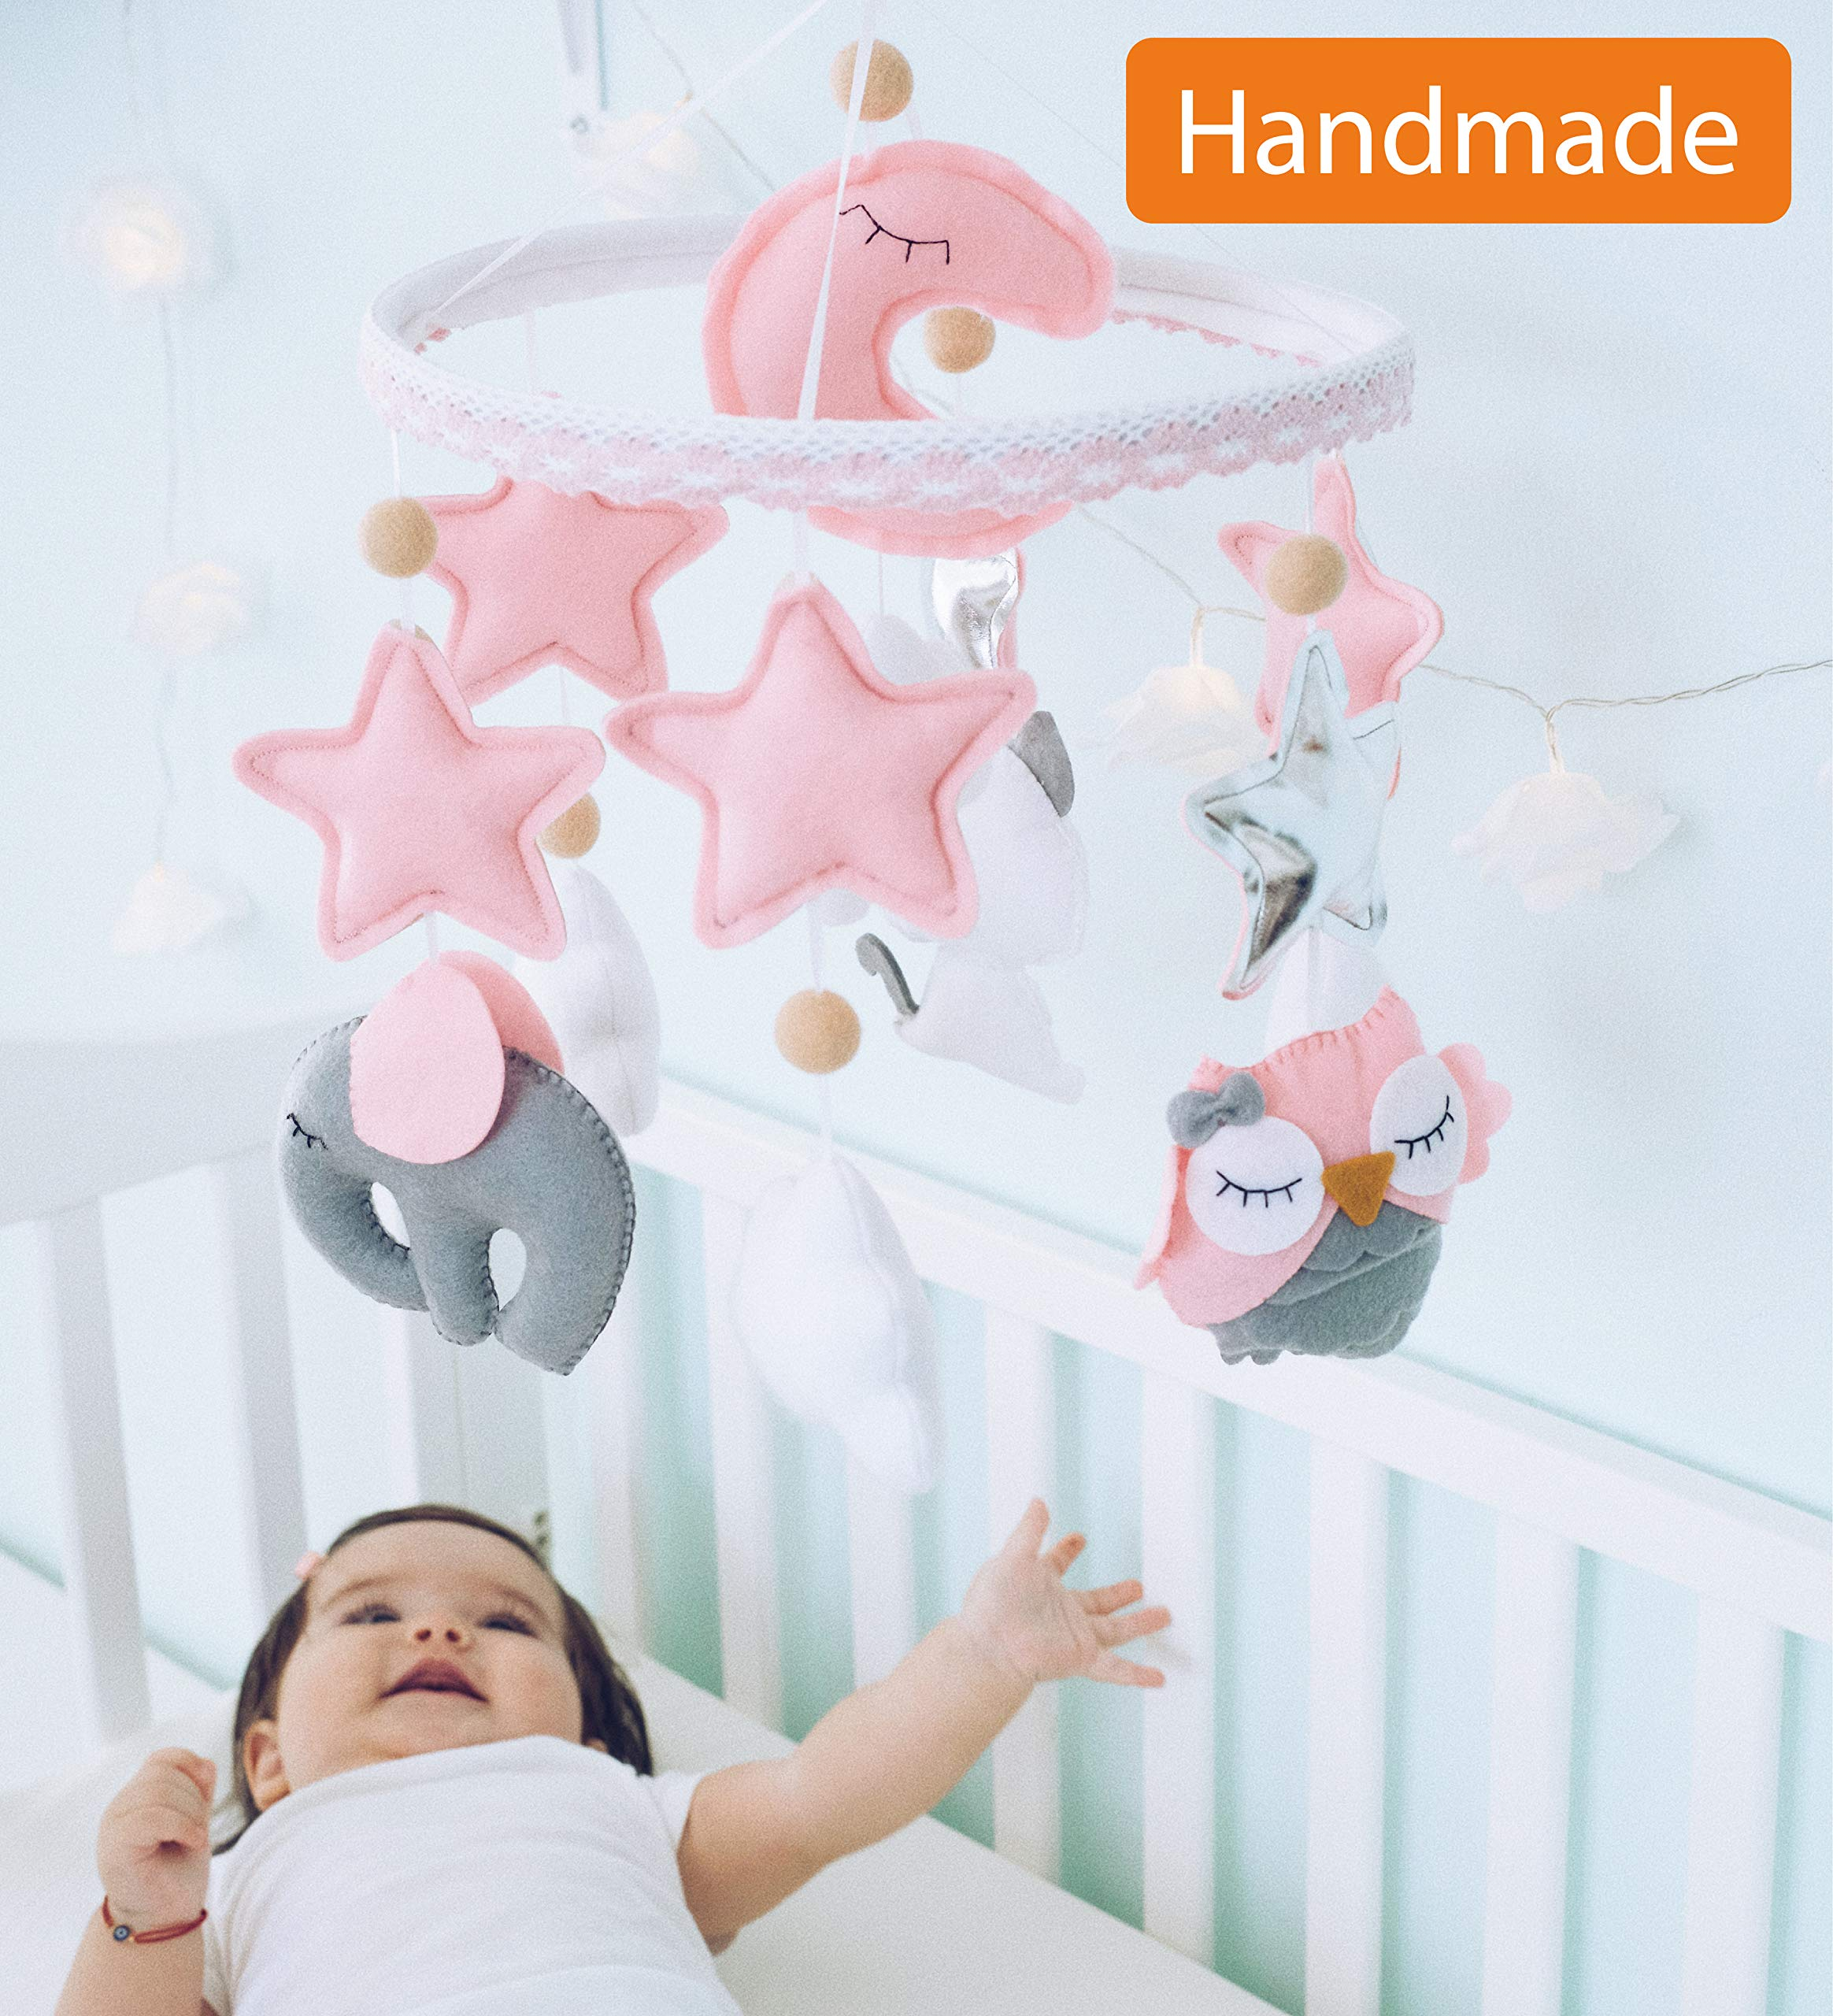 Baby Mobile Felt Nursery Crib Mobile Handmade Baby Shower Gift for Girl (Pink Gray)